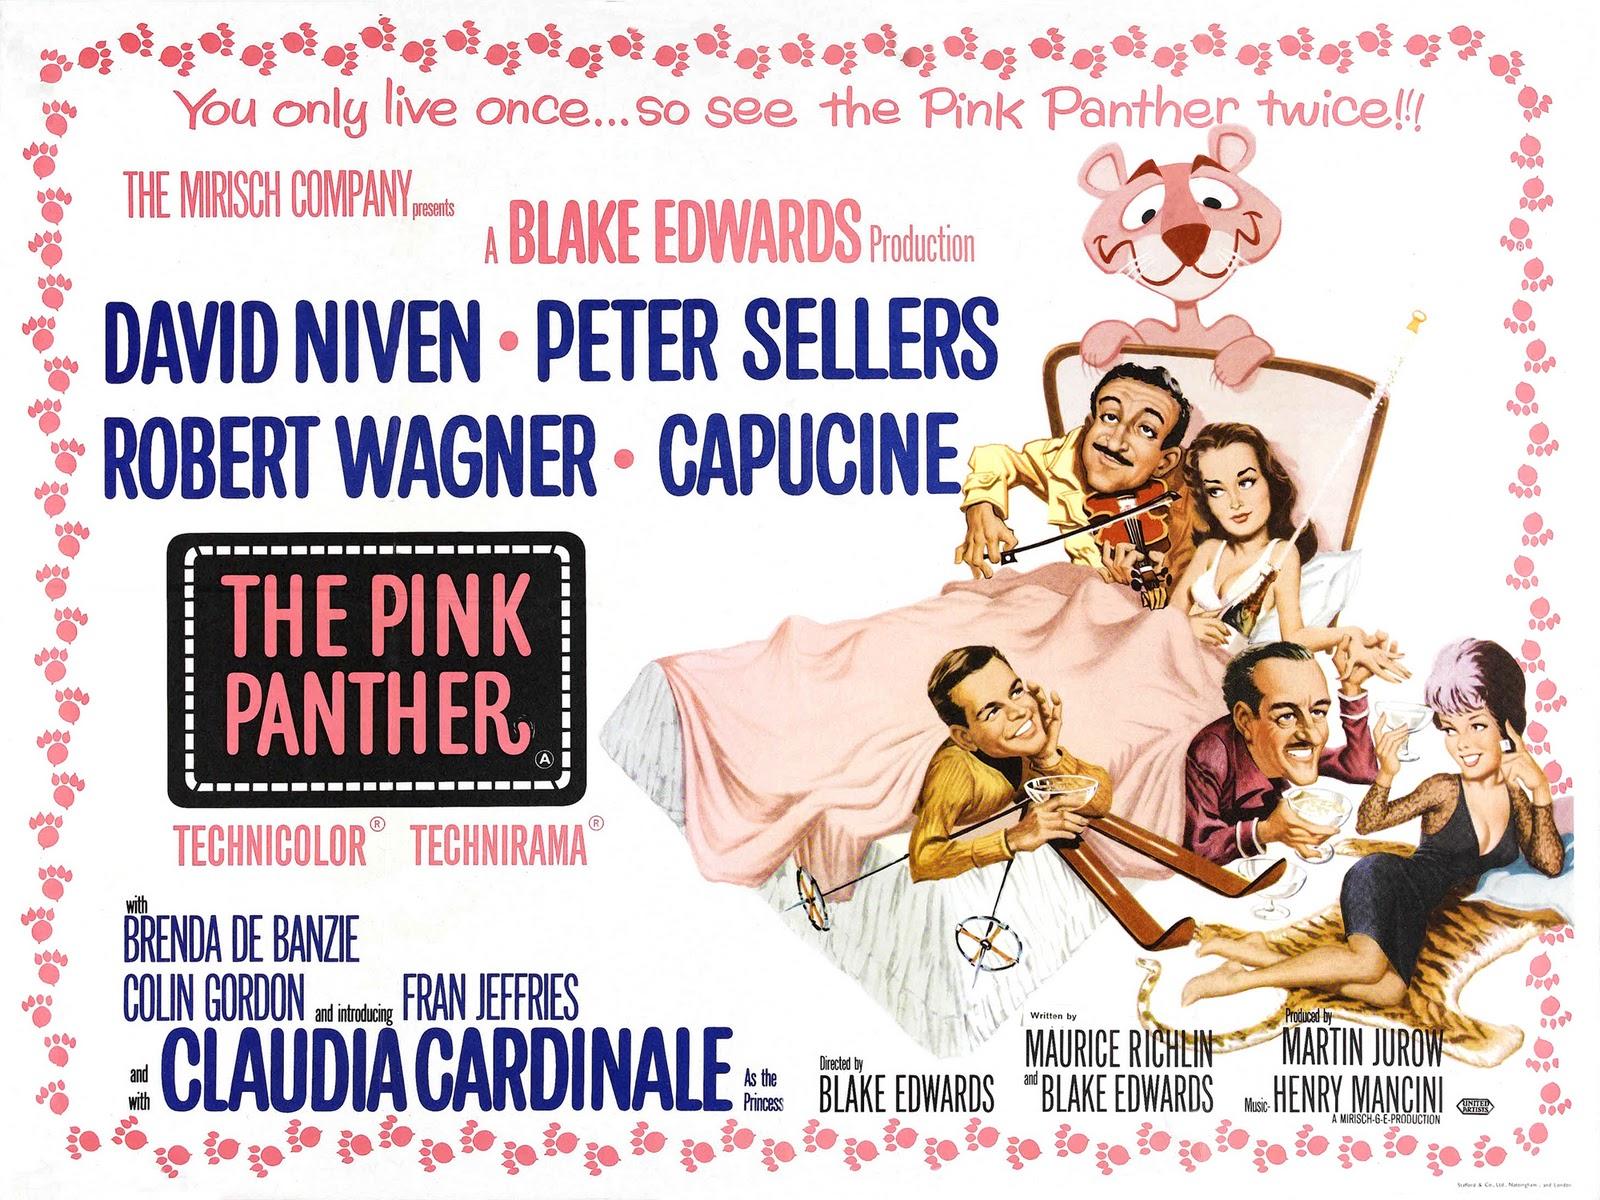 http://4.bp.blogspot.com/-Kd6do4Hn_Zw/TjrVu8cEAhI/AAAAAAAAAhw/ytFeO5VPEqk/s1600/pinkpanther1963.jpg